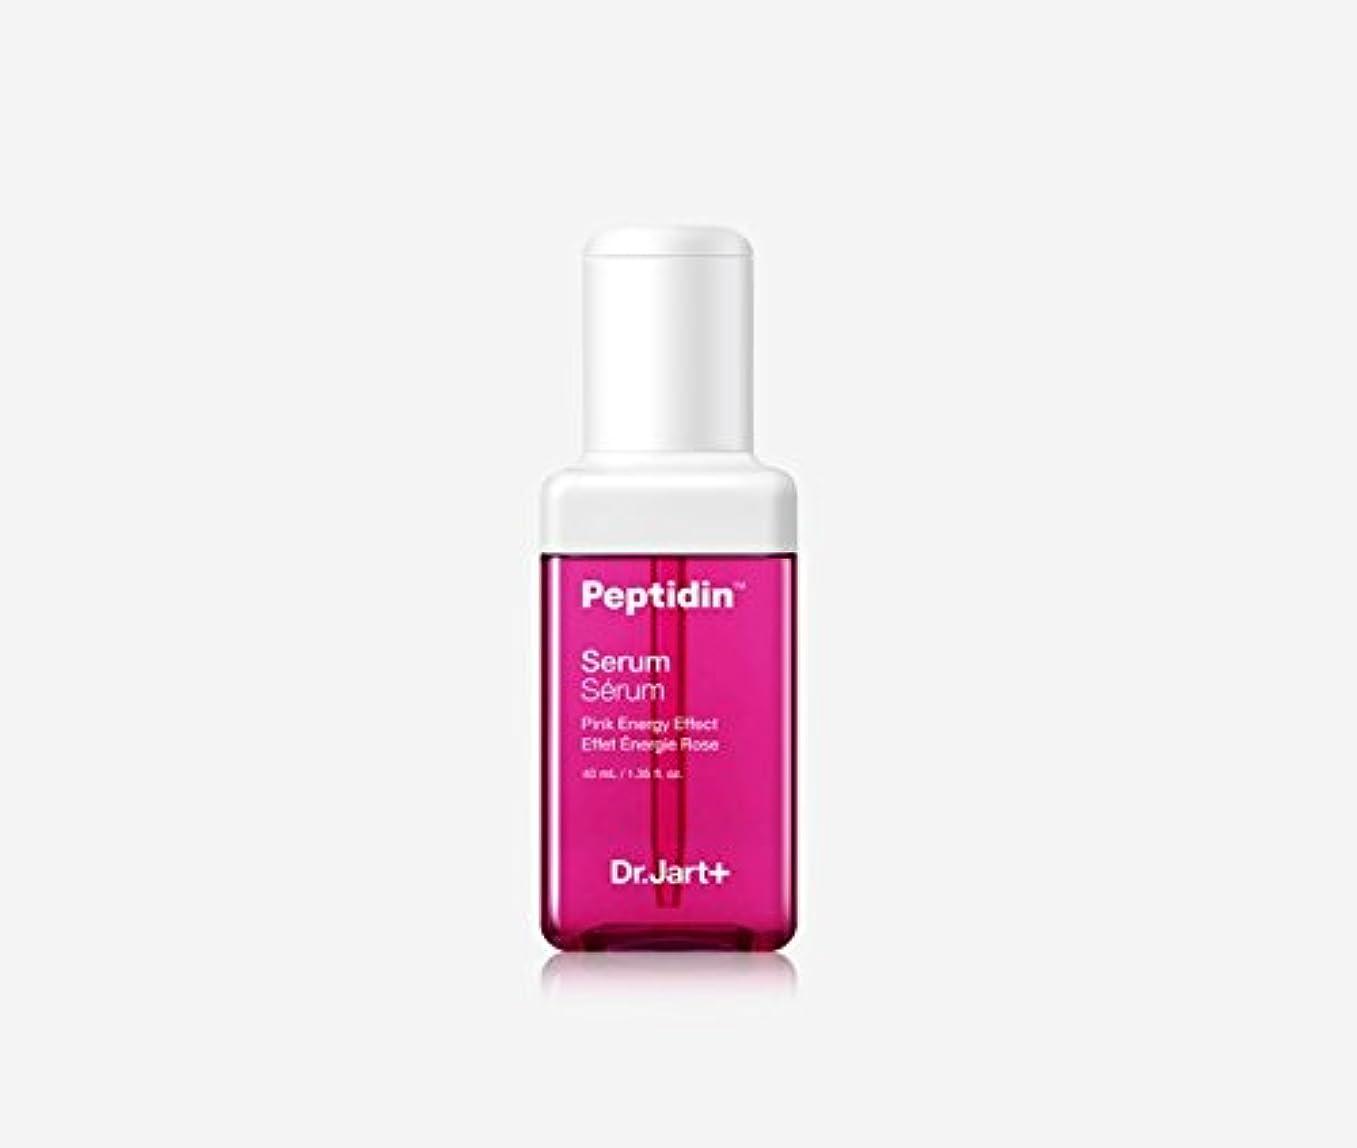 写真を描くベイビークライマックス[Dr.Jart+] ドクタージャルト ペプチドディーン セラムピンクエネルギー 40ml / DR JART Peptidin Serum Pink Energy 1.35 fl. oz. [海外直送品]